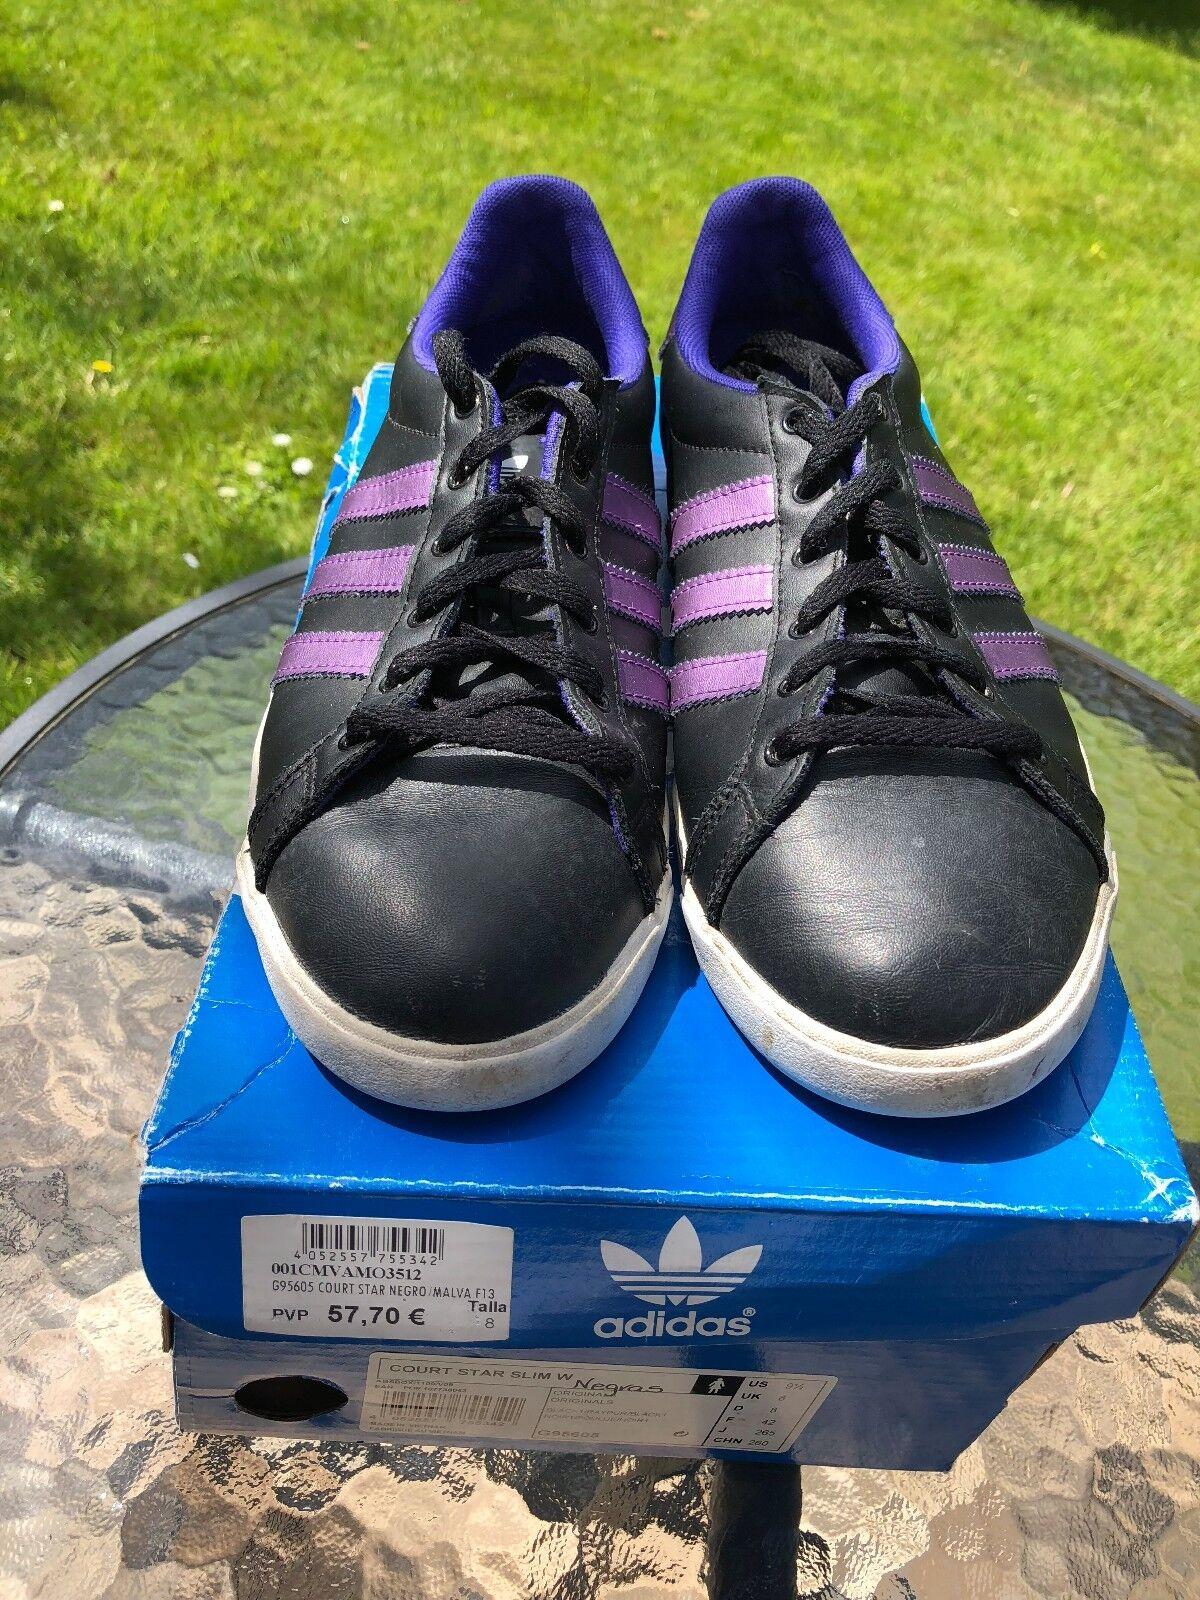 ADIDAS Womans ORIGINALS Womans ADIDAS COURT STAR SLIM W noir et violet taille 8 UK eb3ff5